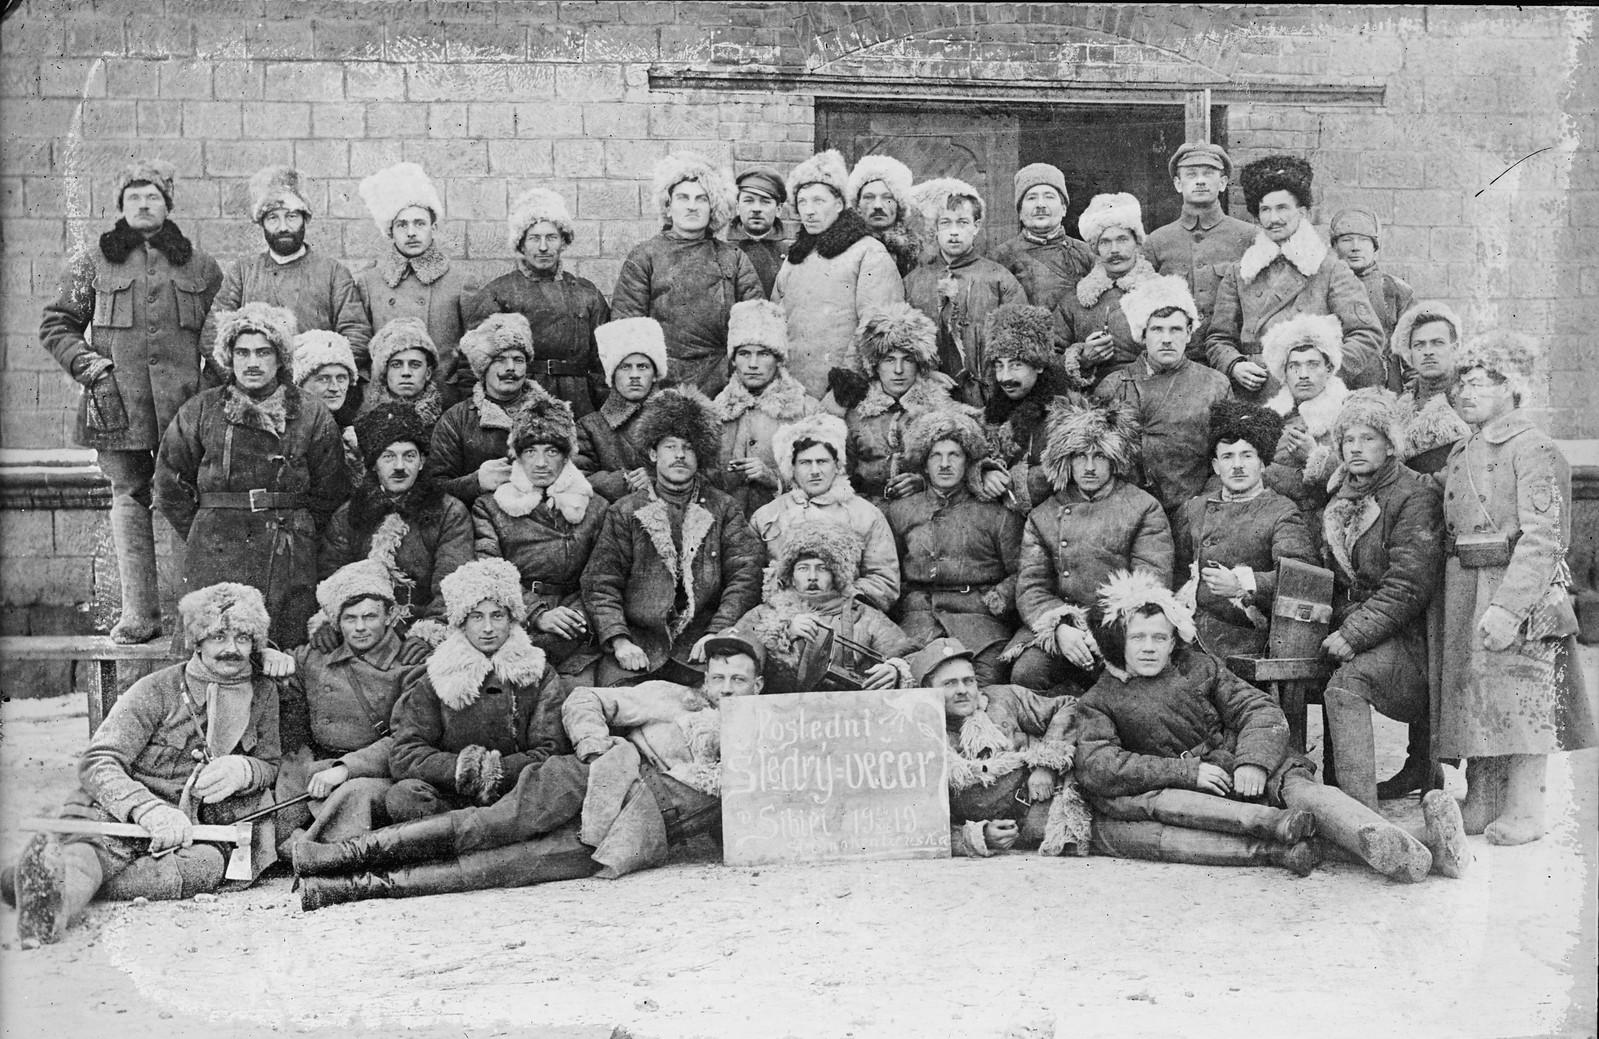 1919. Группа Чехословацких легионеров